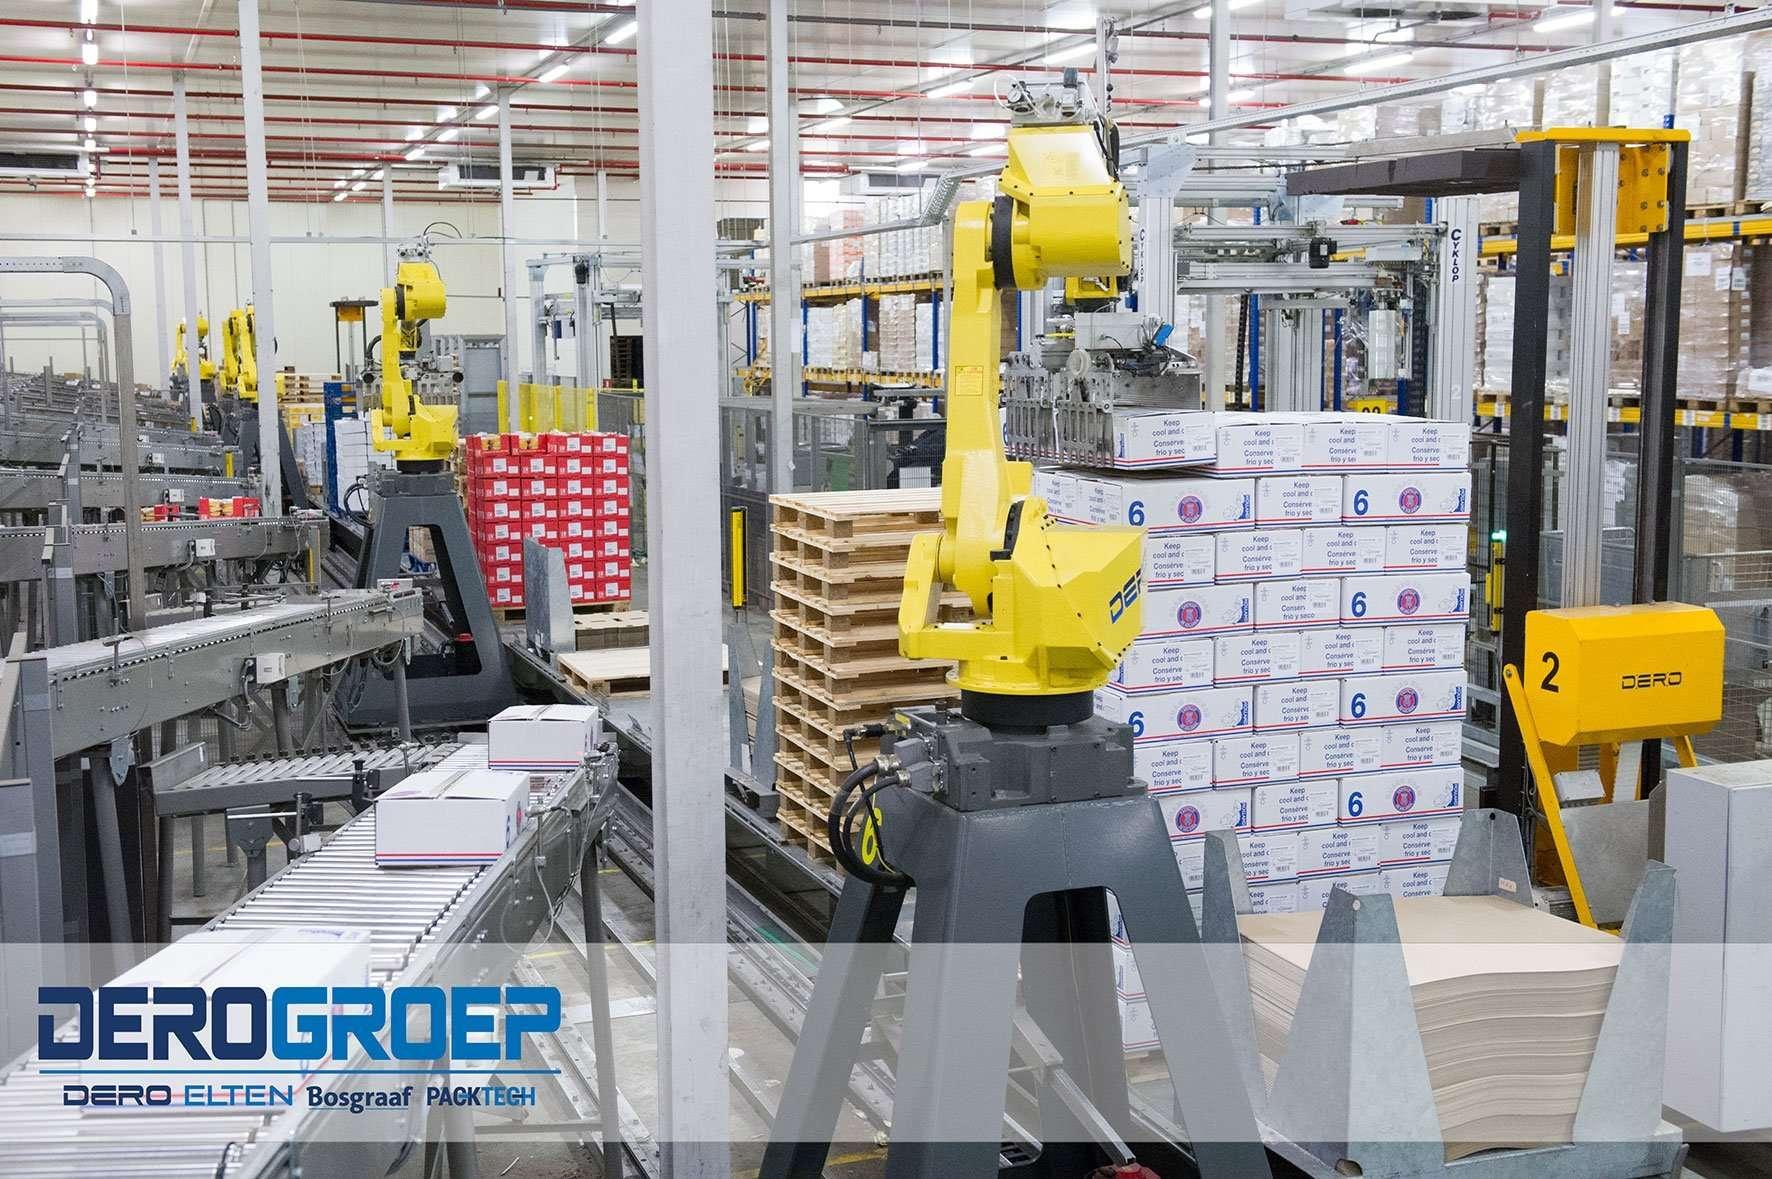 Industri robotter salg